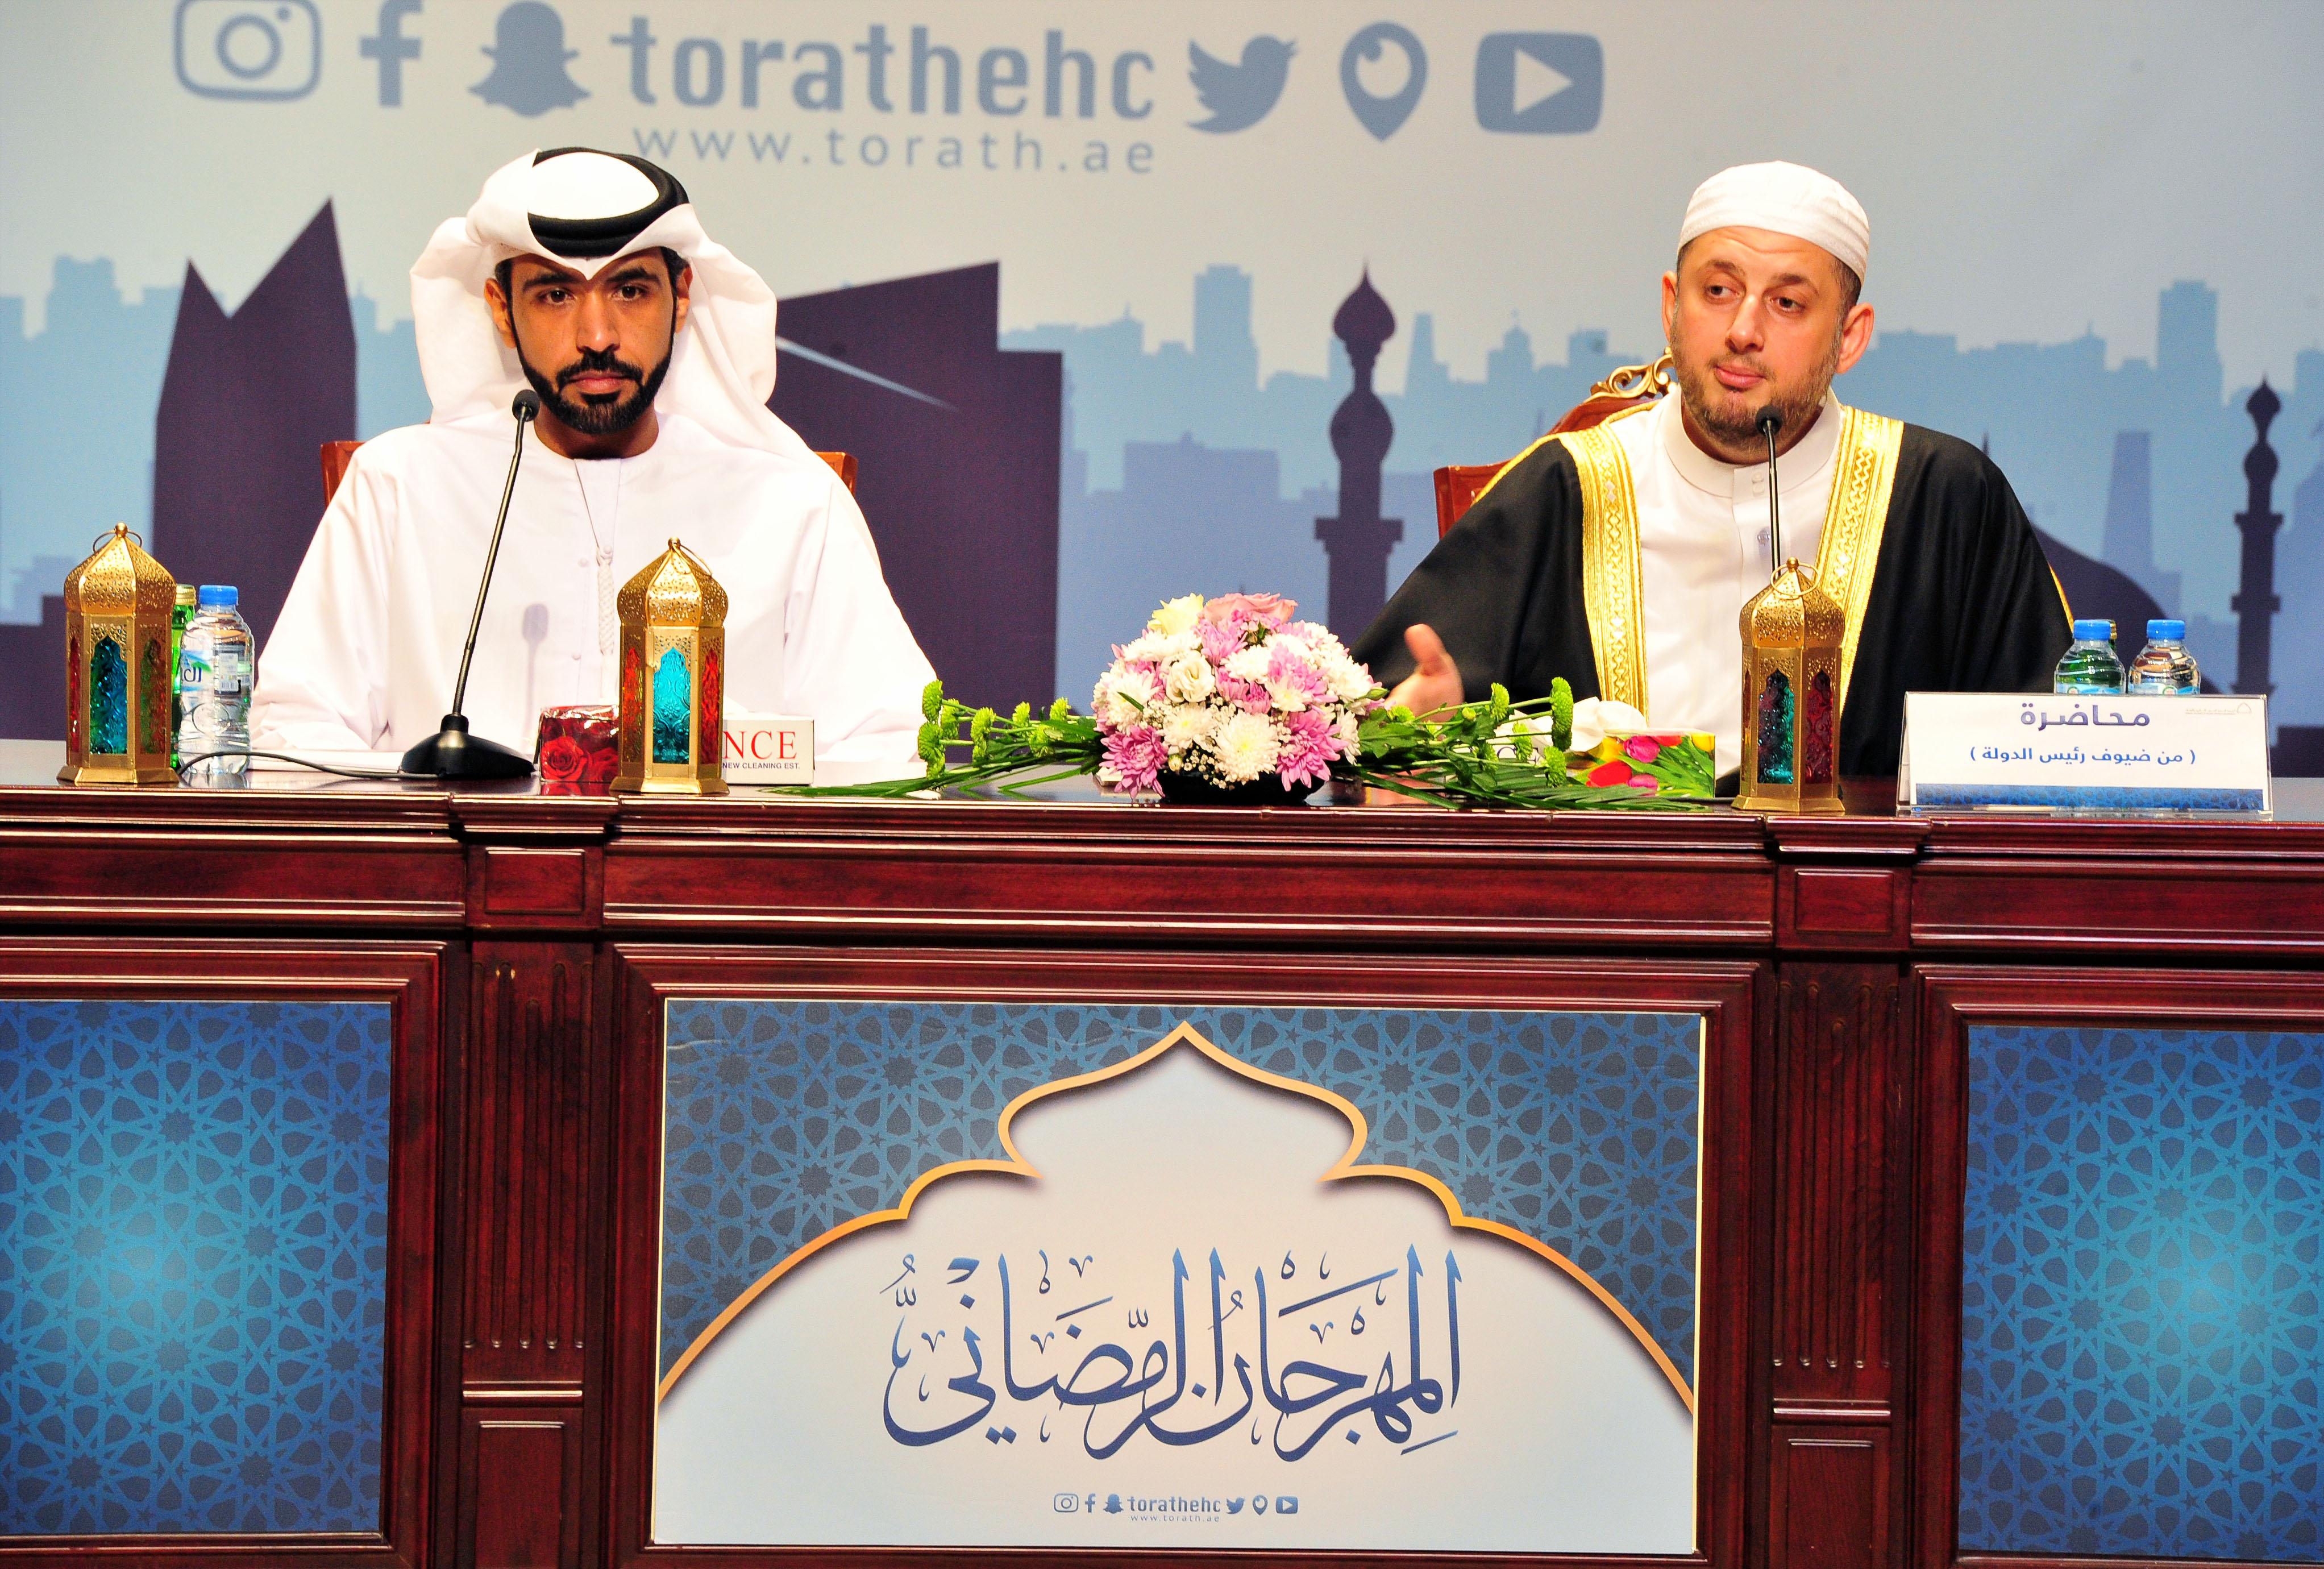 المهرجان الرمضاني الثاني عشر 2017 مسرح أبوظبي